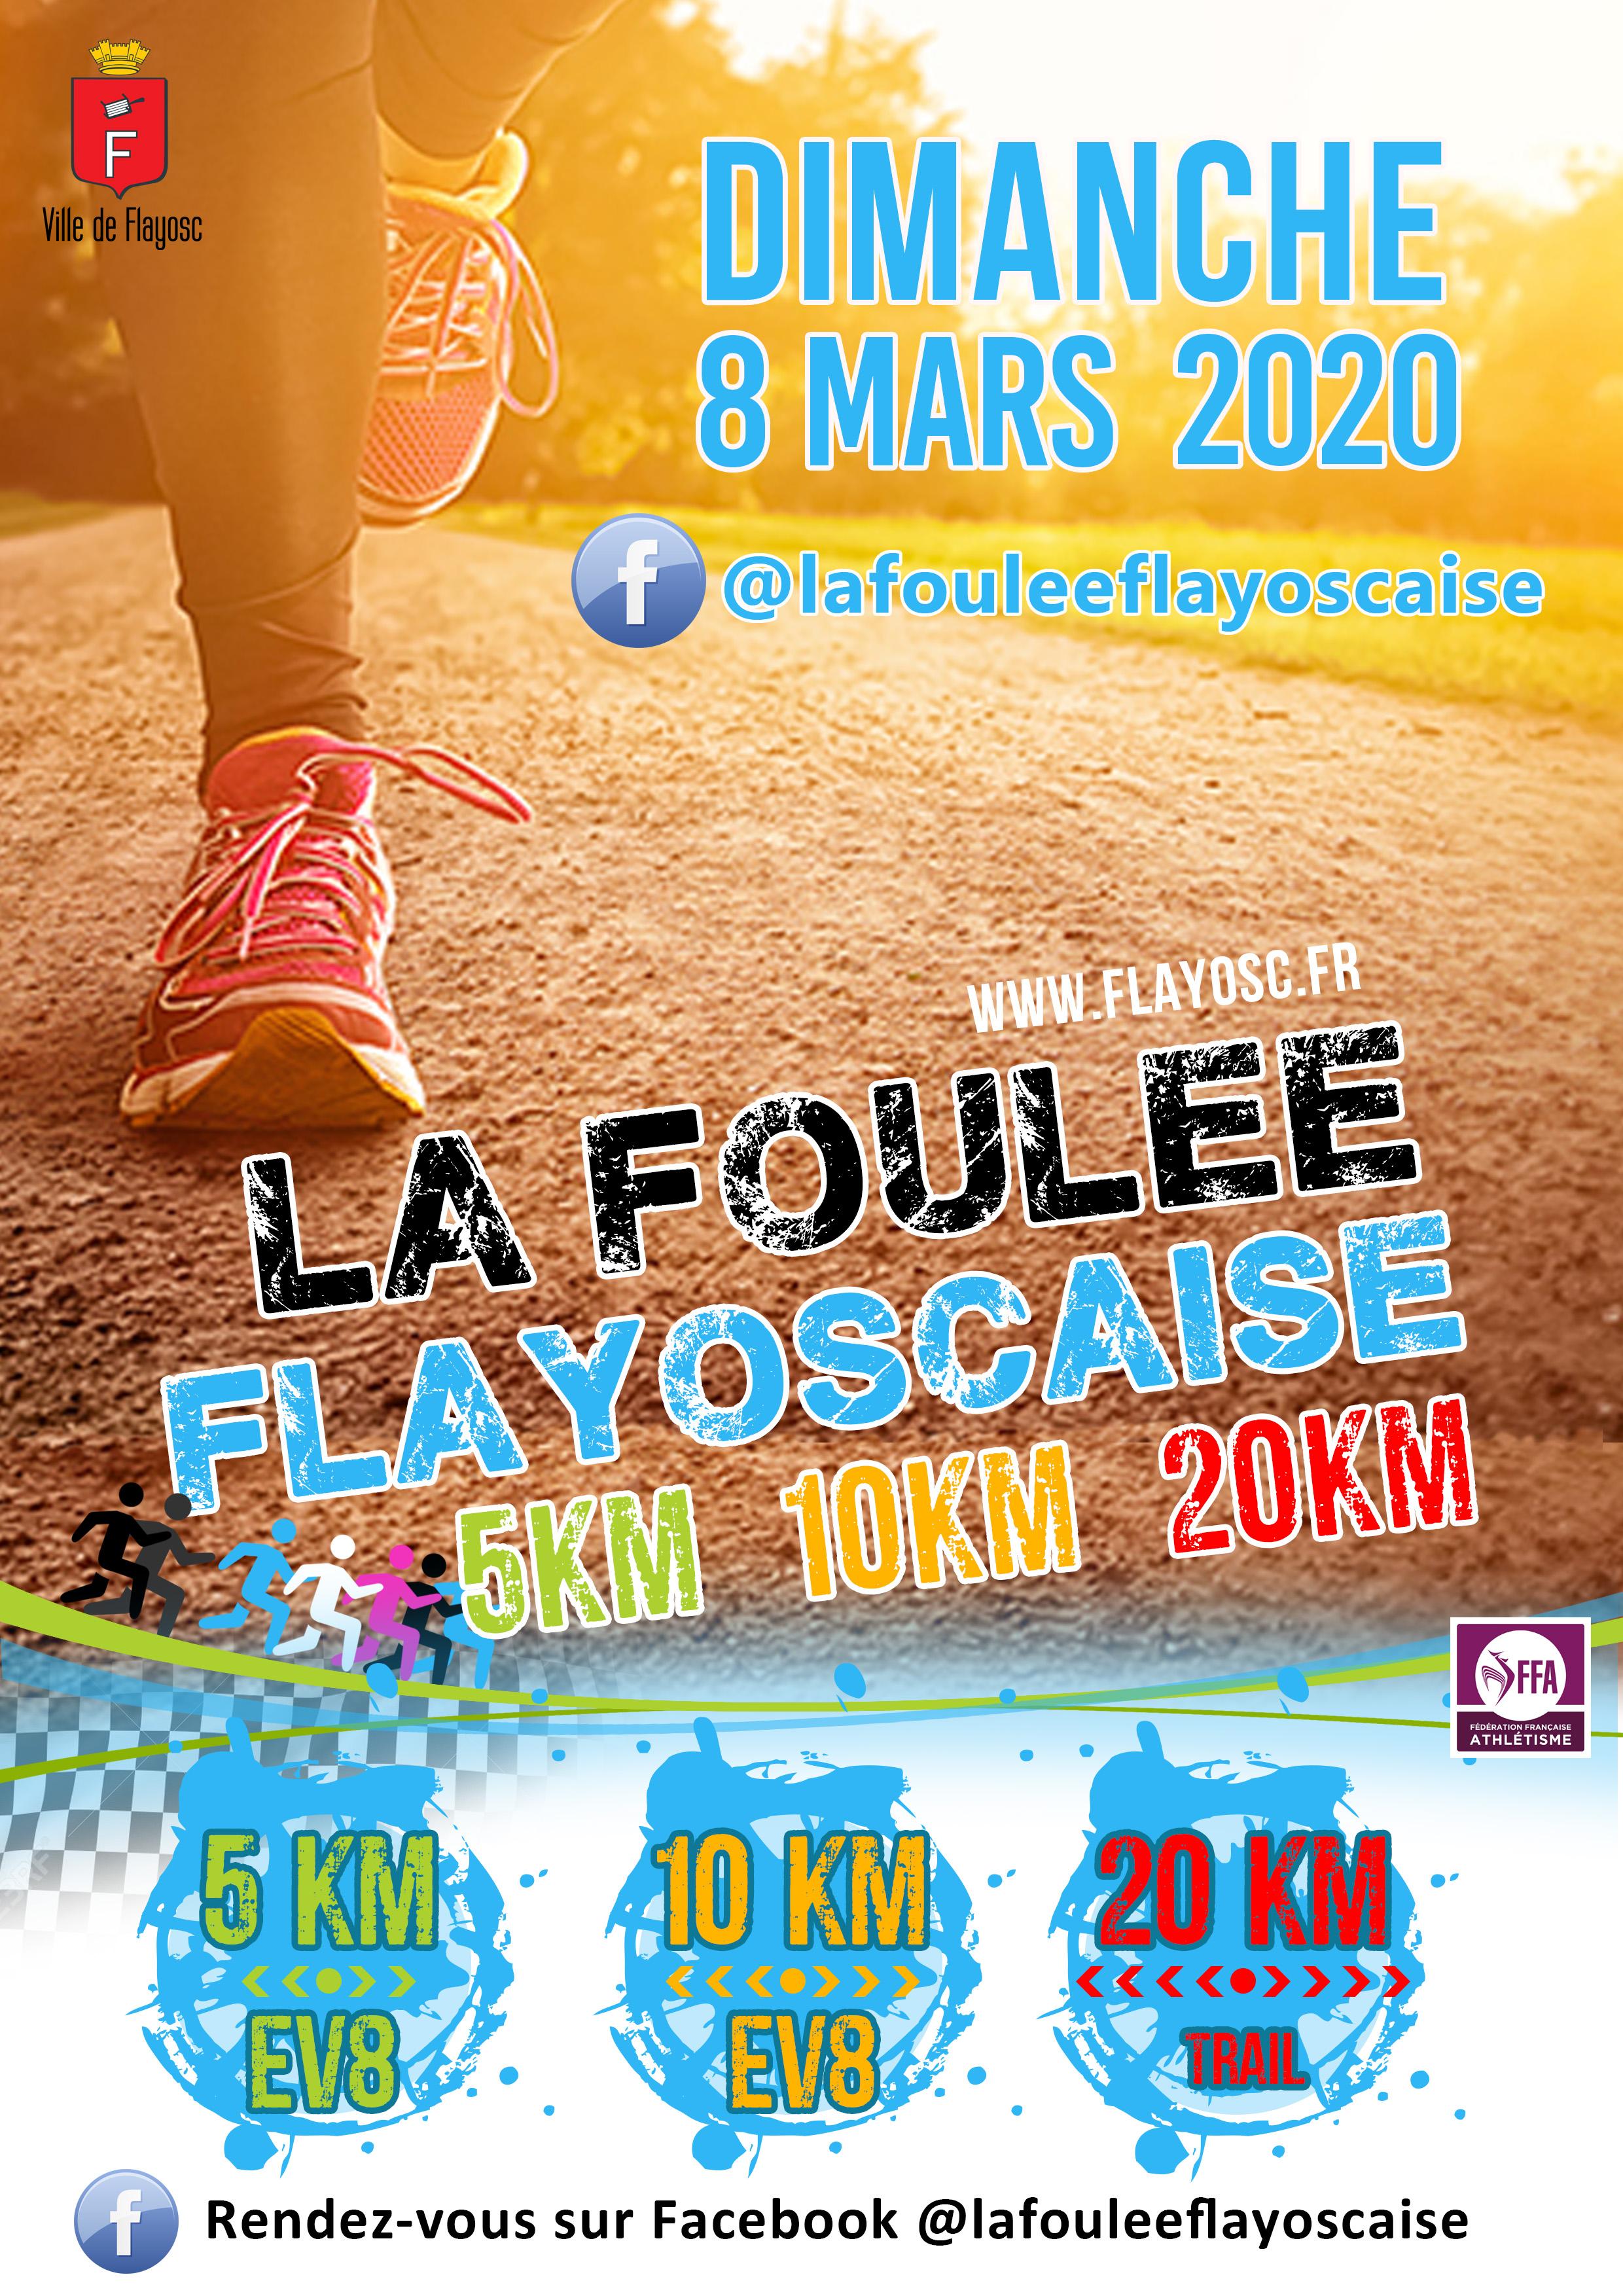 Foulée Flayoscaise édition 2020 !